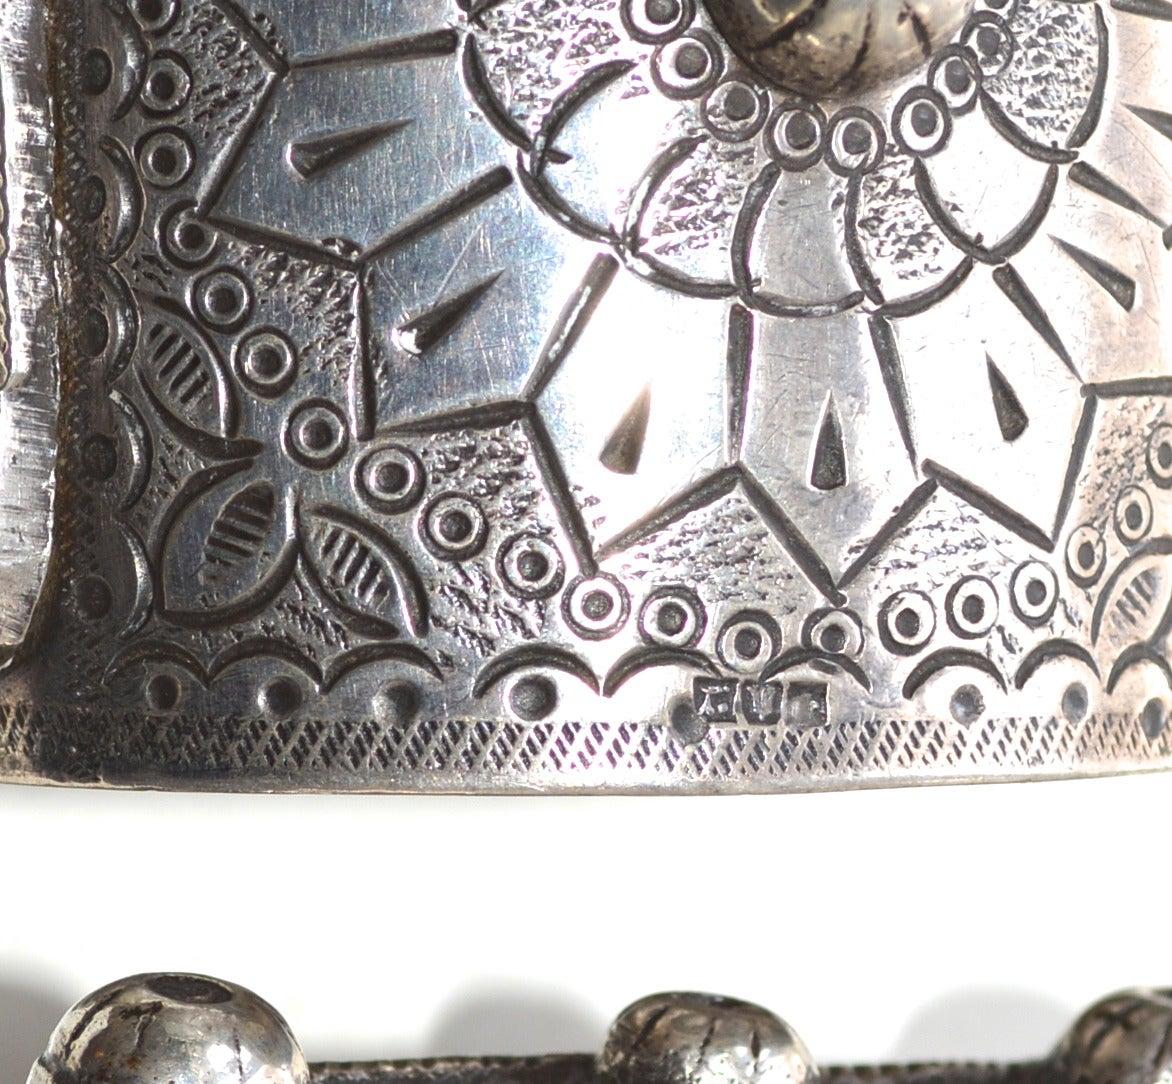 Egyptian 900 Silver Cuffs / Bedouin Armor Bracelets / Siwa Oasis 7